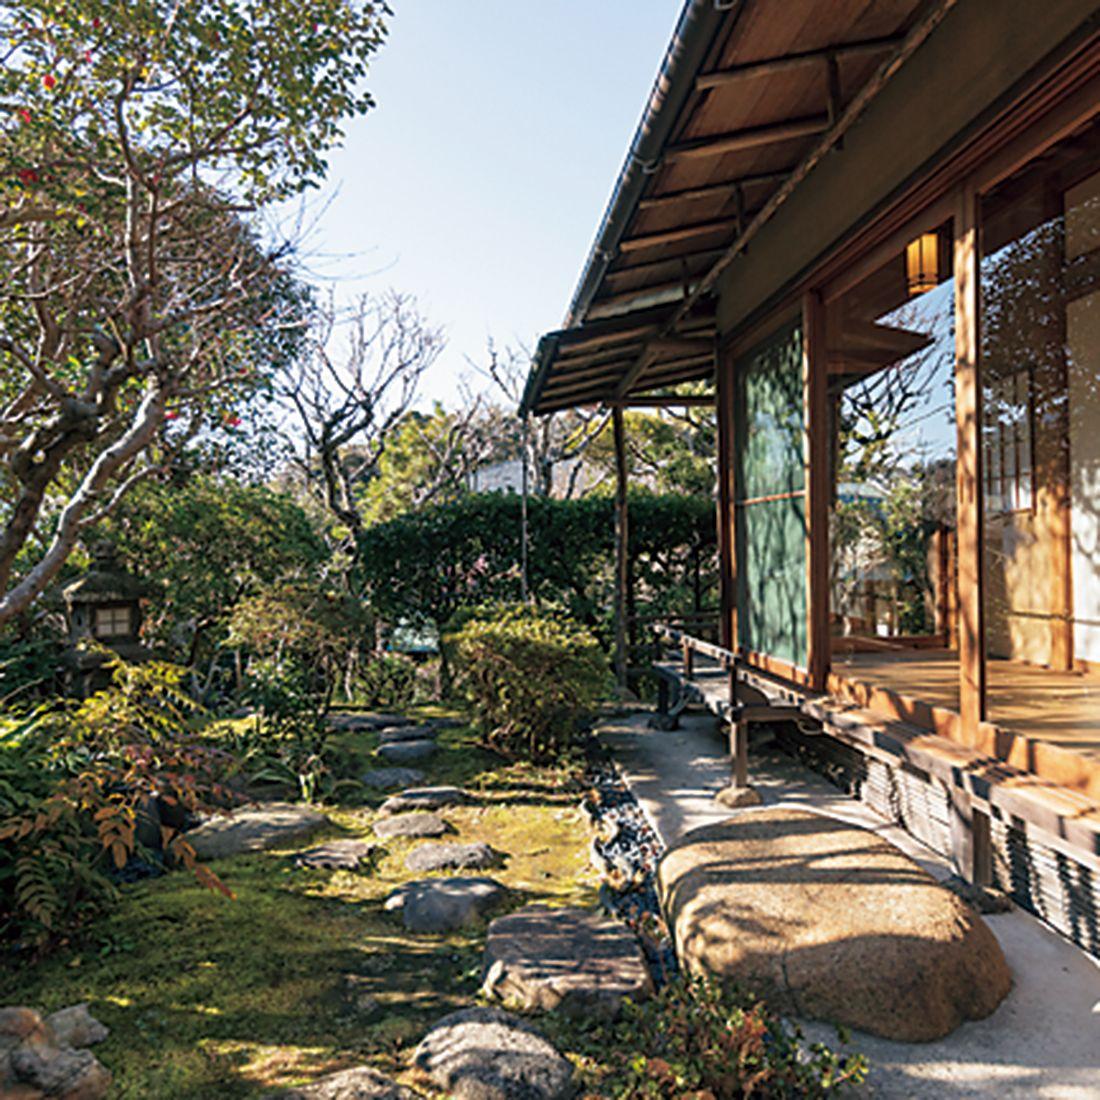 風情のある表玄関、四季を感じる庭園がゲストを迎える。